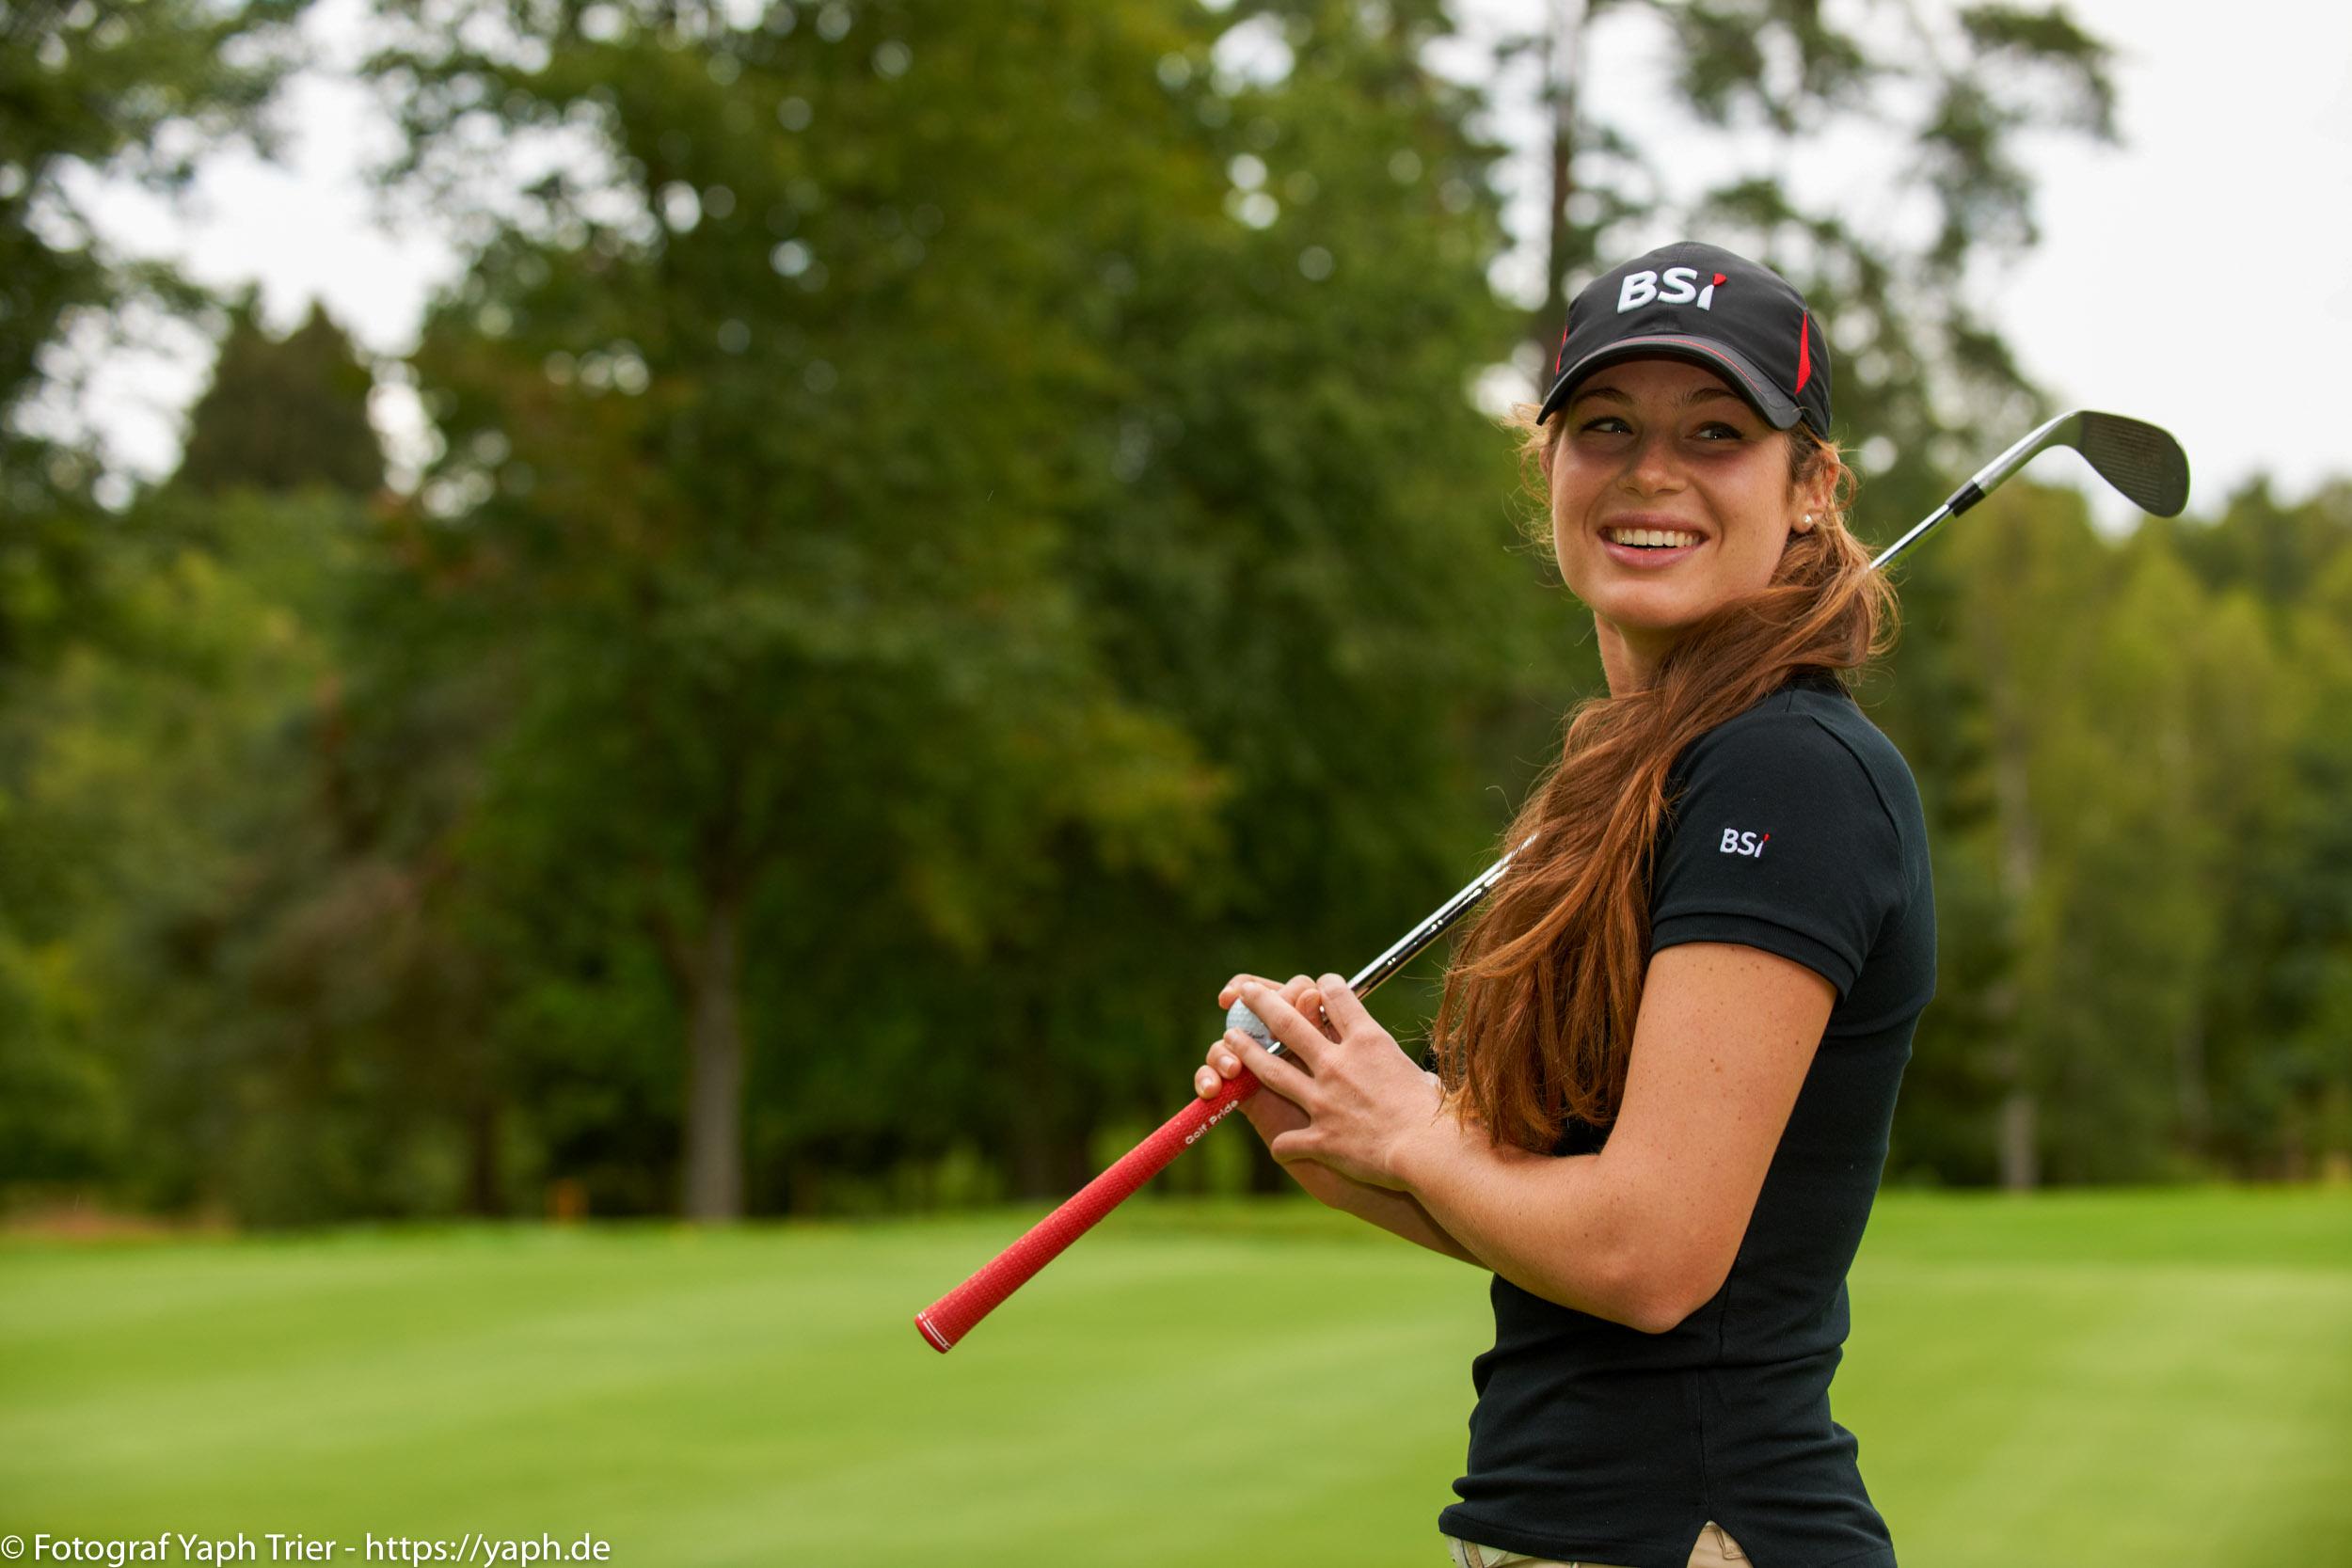 Liebelei Elena Lawrence - luxemburger Golfspielerin bei Fotograf Yaph - 43